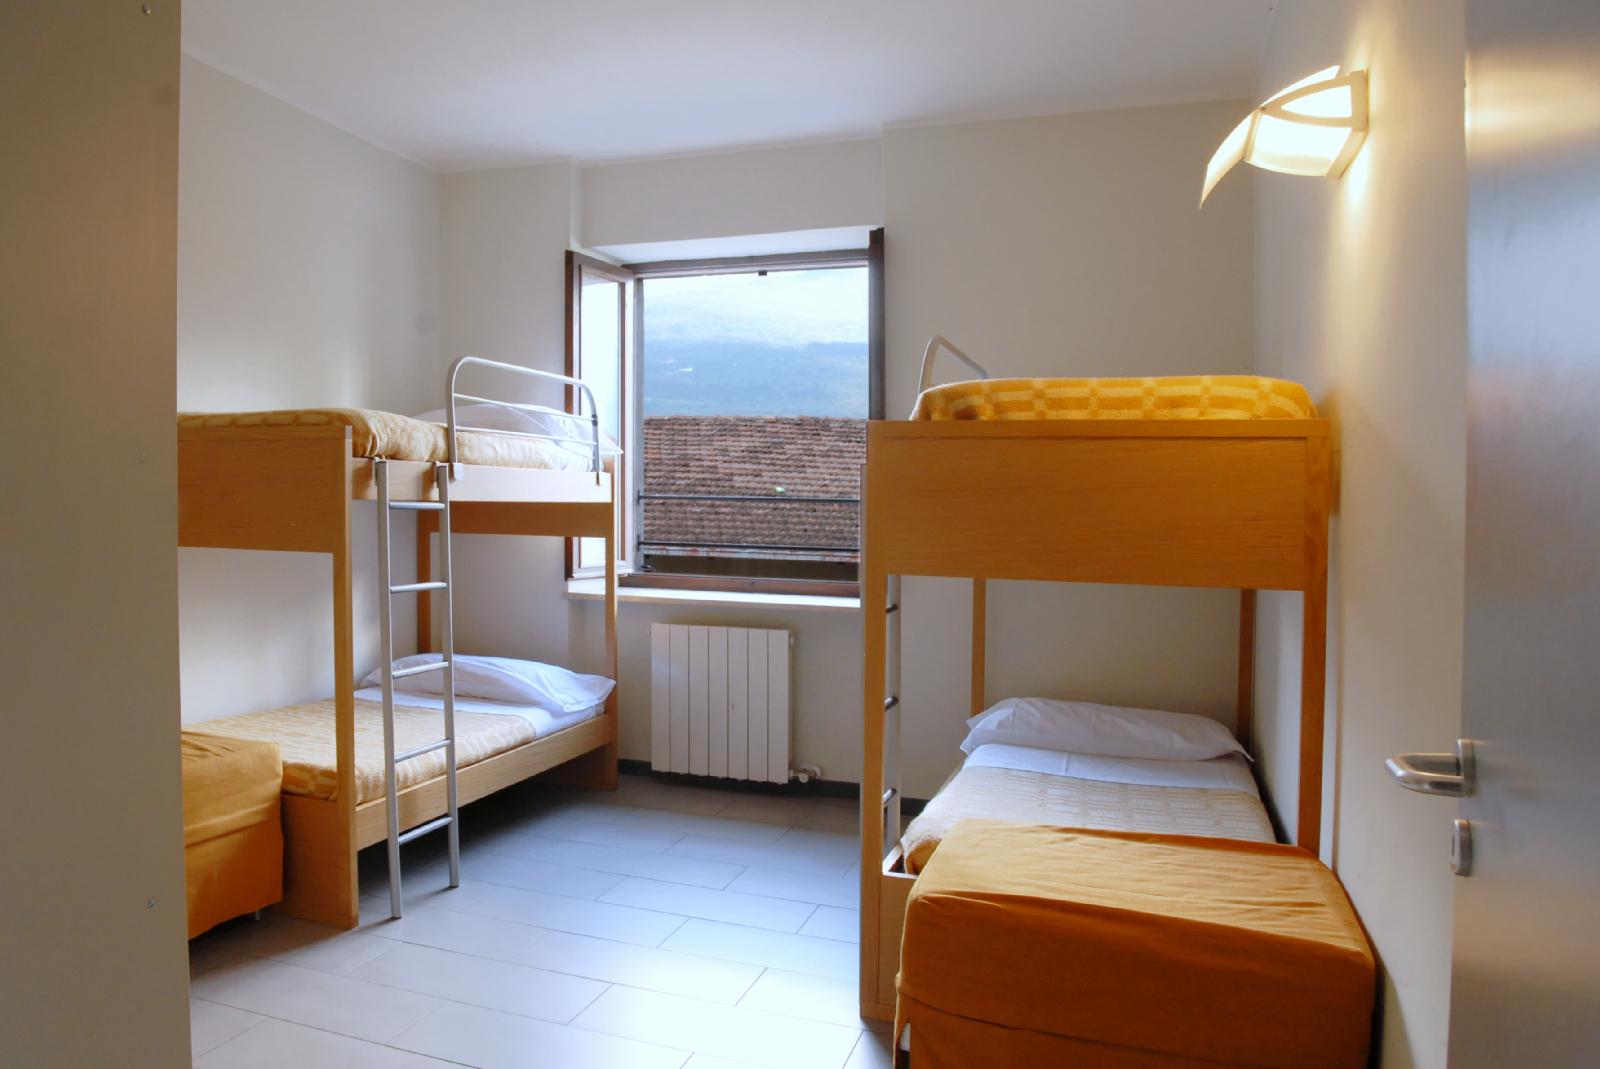 camere-1_campus